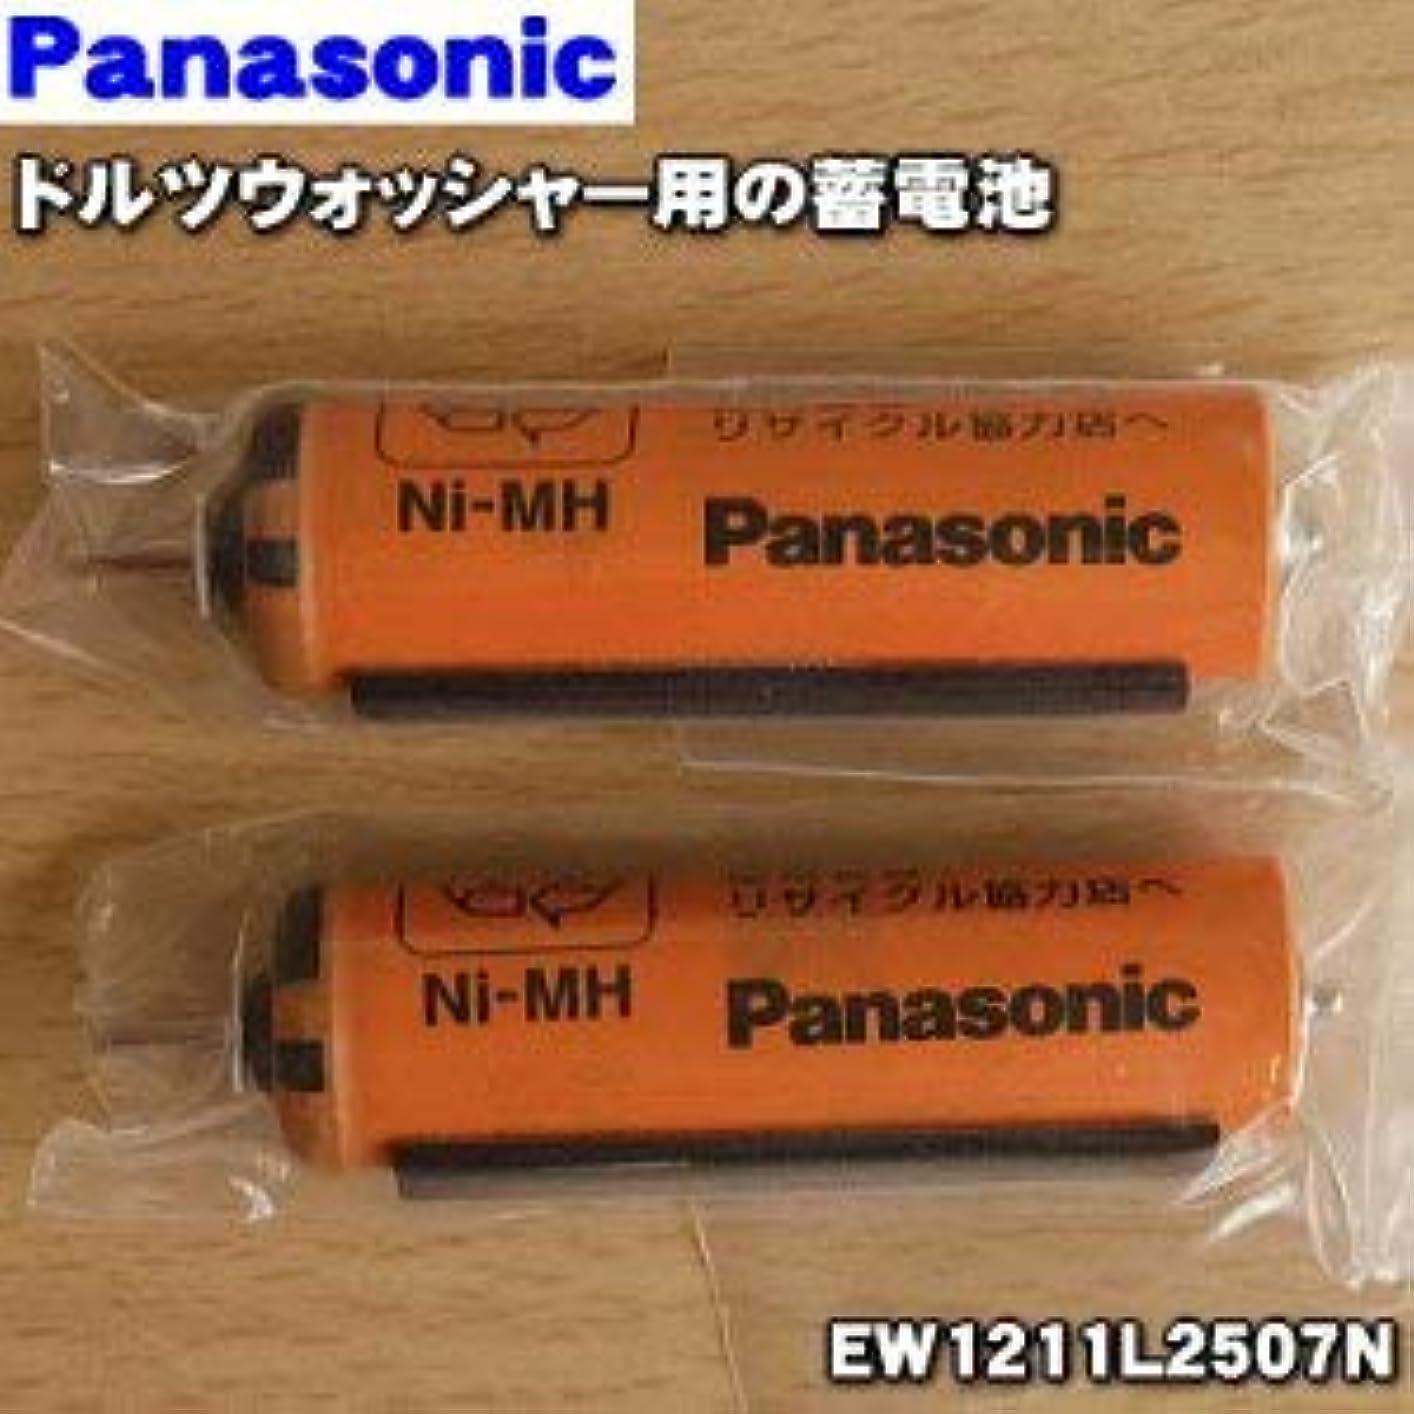 キャプチャー先見の明所有者パナソニック Panasonic 音波振動ハブラシ Doltz 蓄電池交換用蓄電池 EW1211L2507N